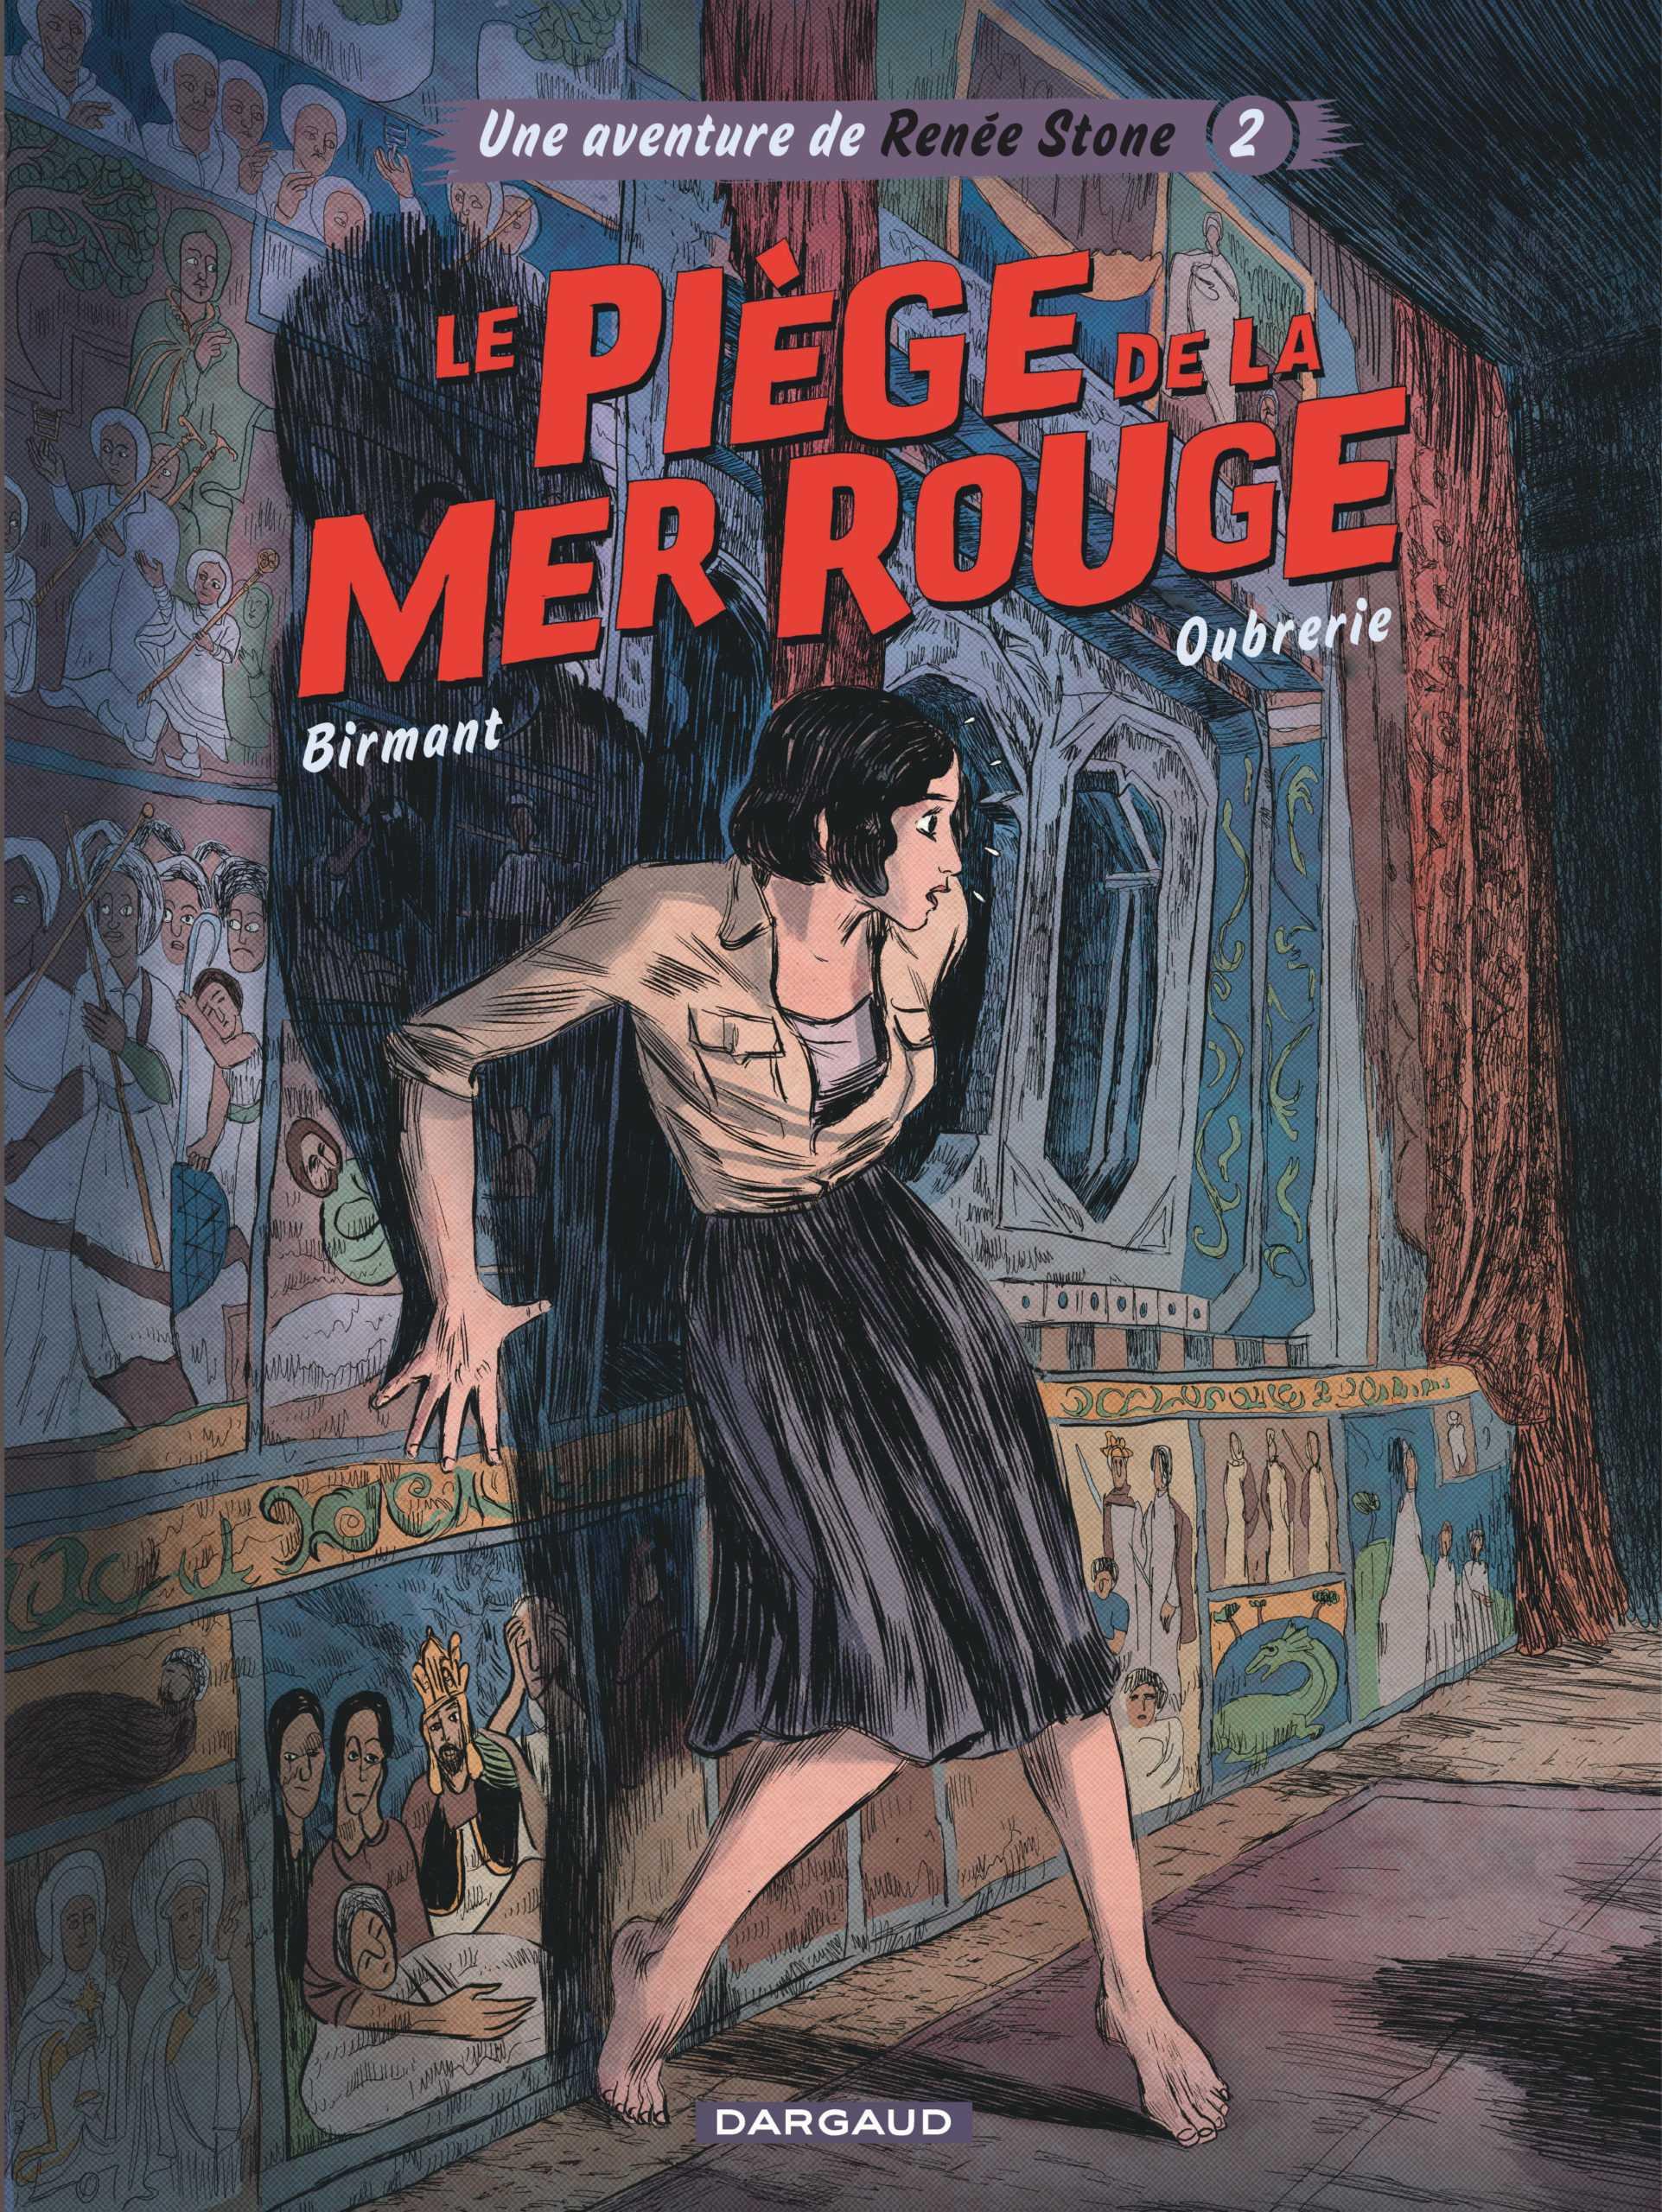 Une aventure de Renée Stone T2, Julie Birmant et Clément Oubrerie pour un beau voyage